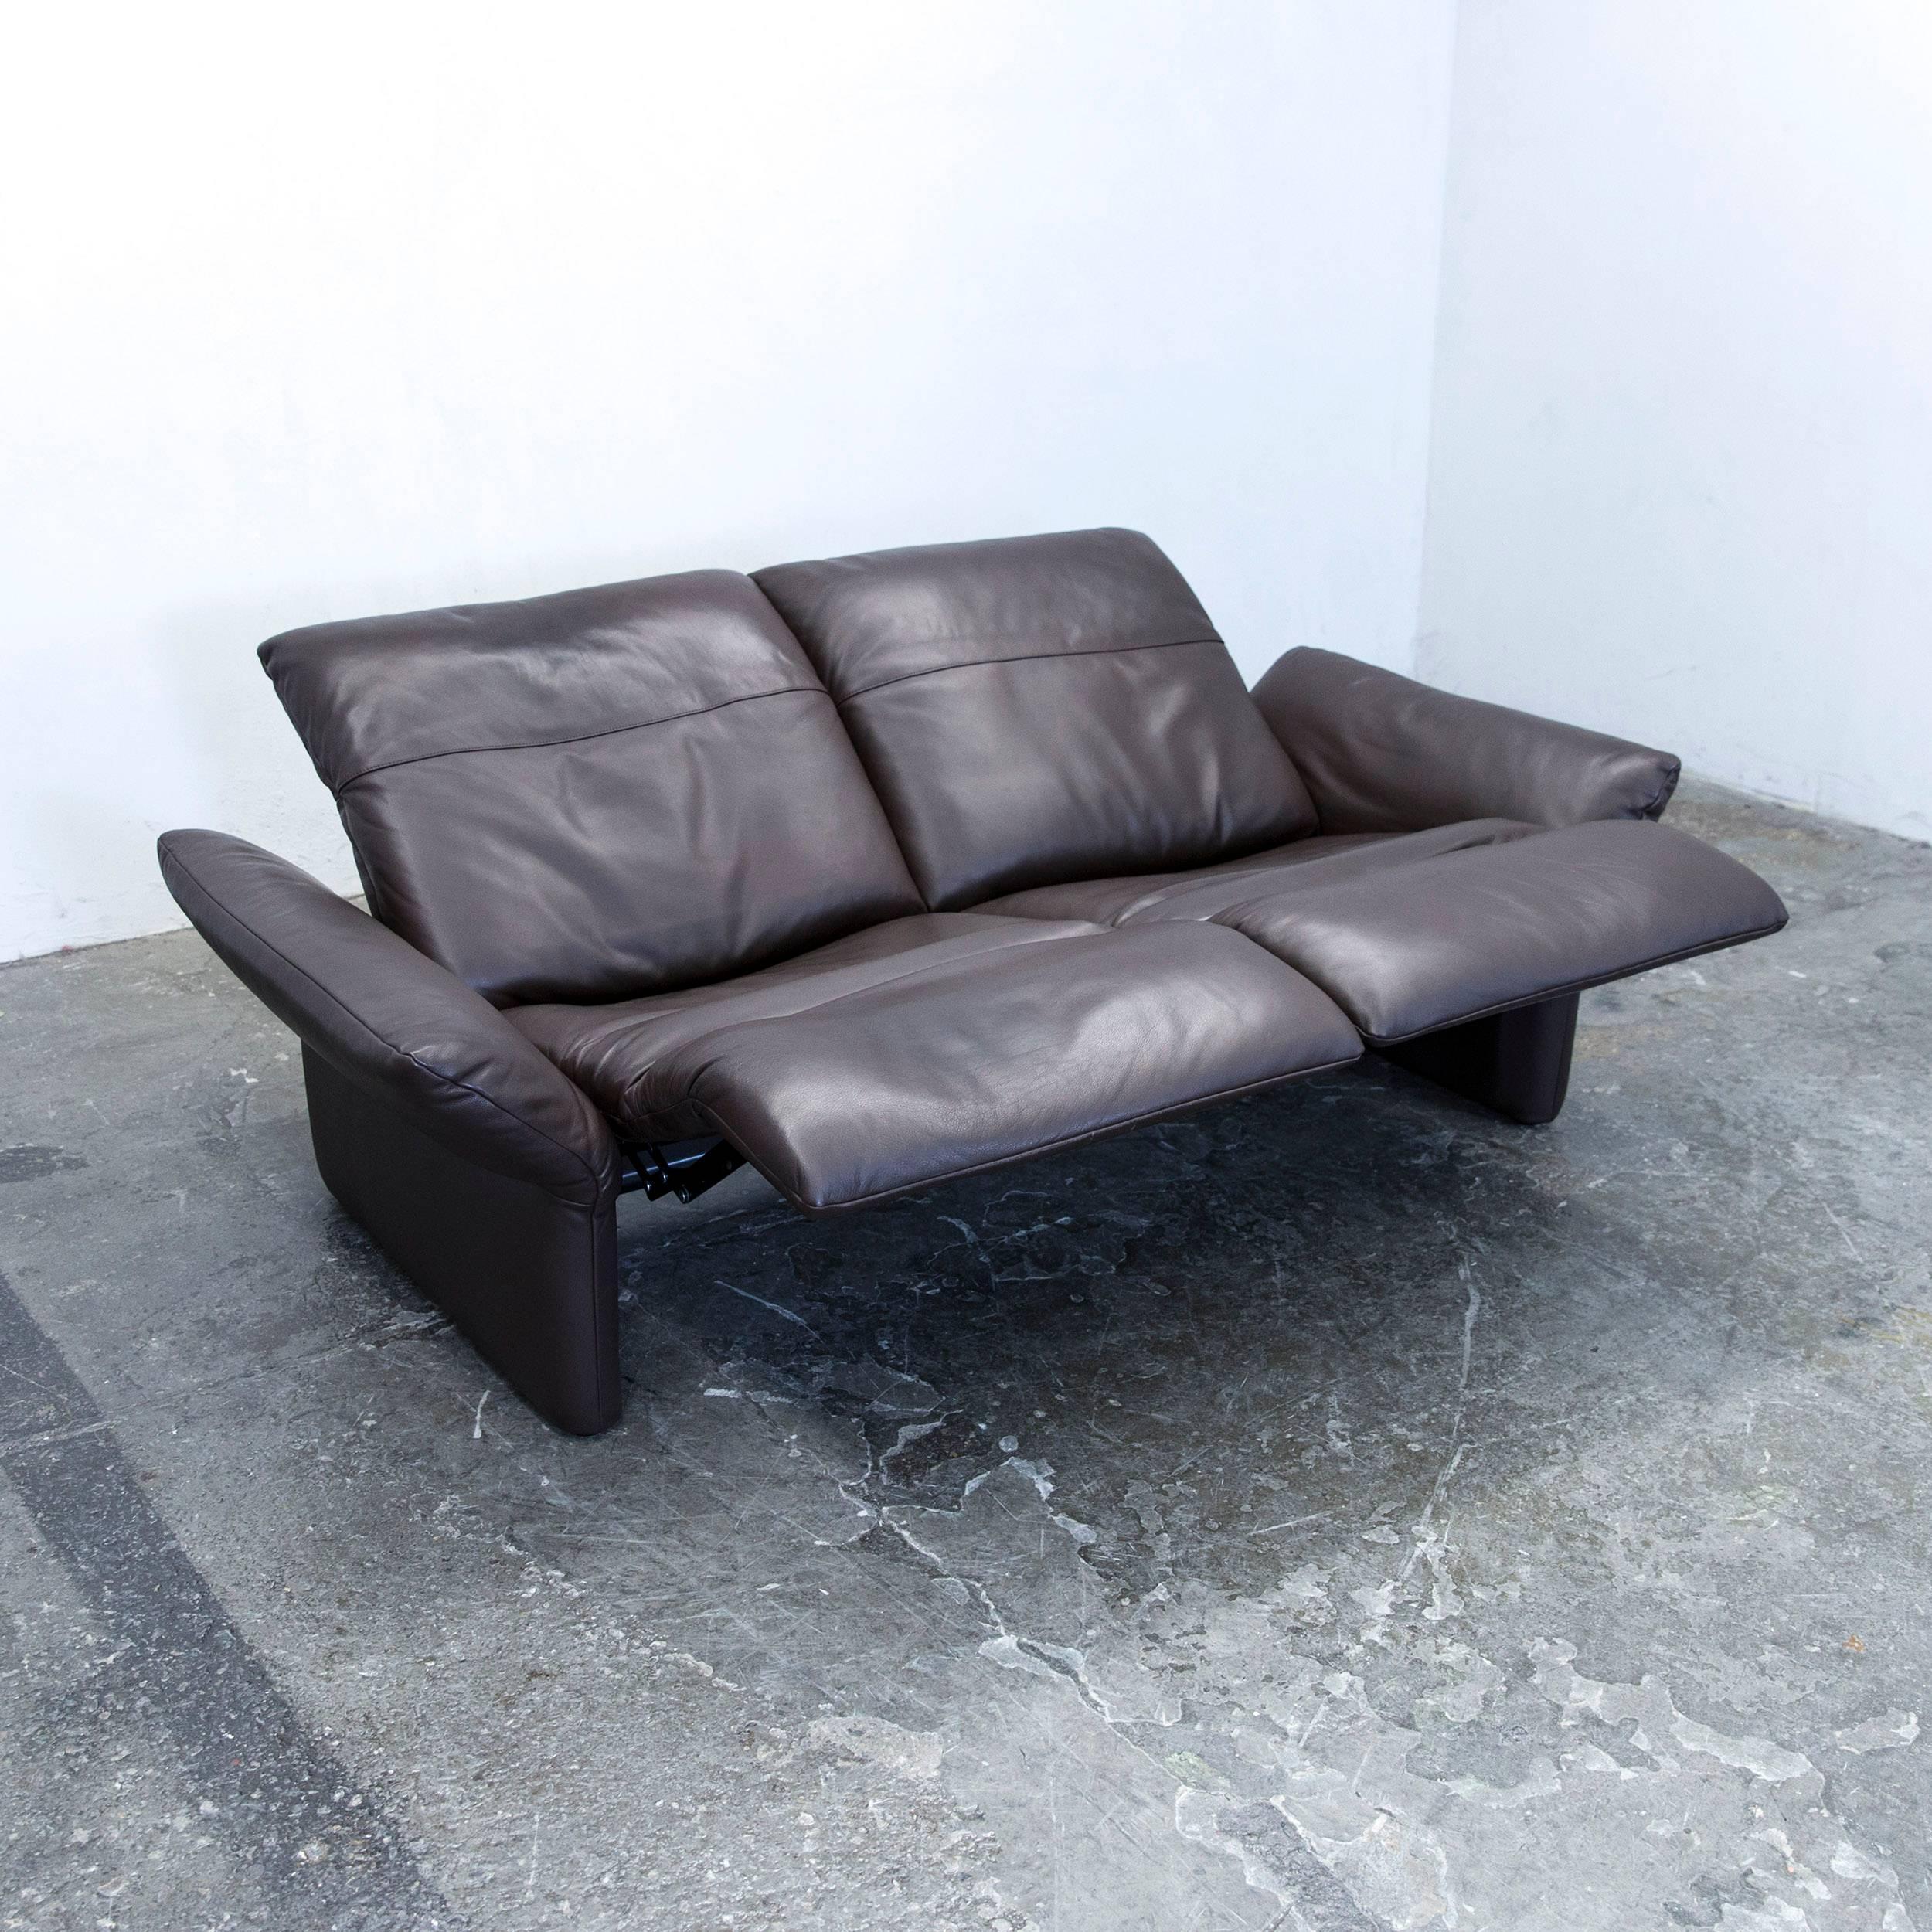 sofalufer braun big sofa leder unglaublich designer couch braun gebraucht grau echt with. Black Bedroom Furniture Sets. Home Design Ideas